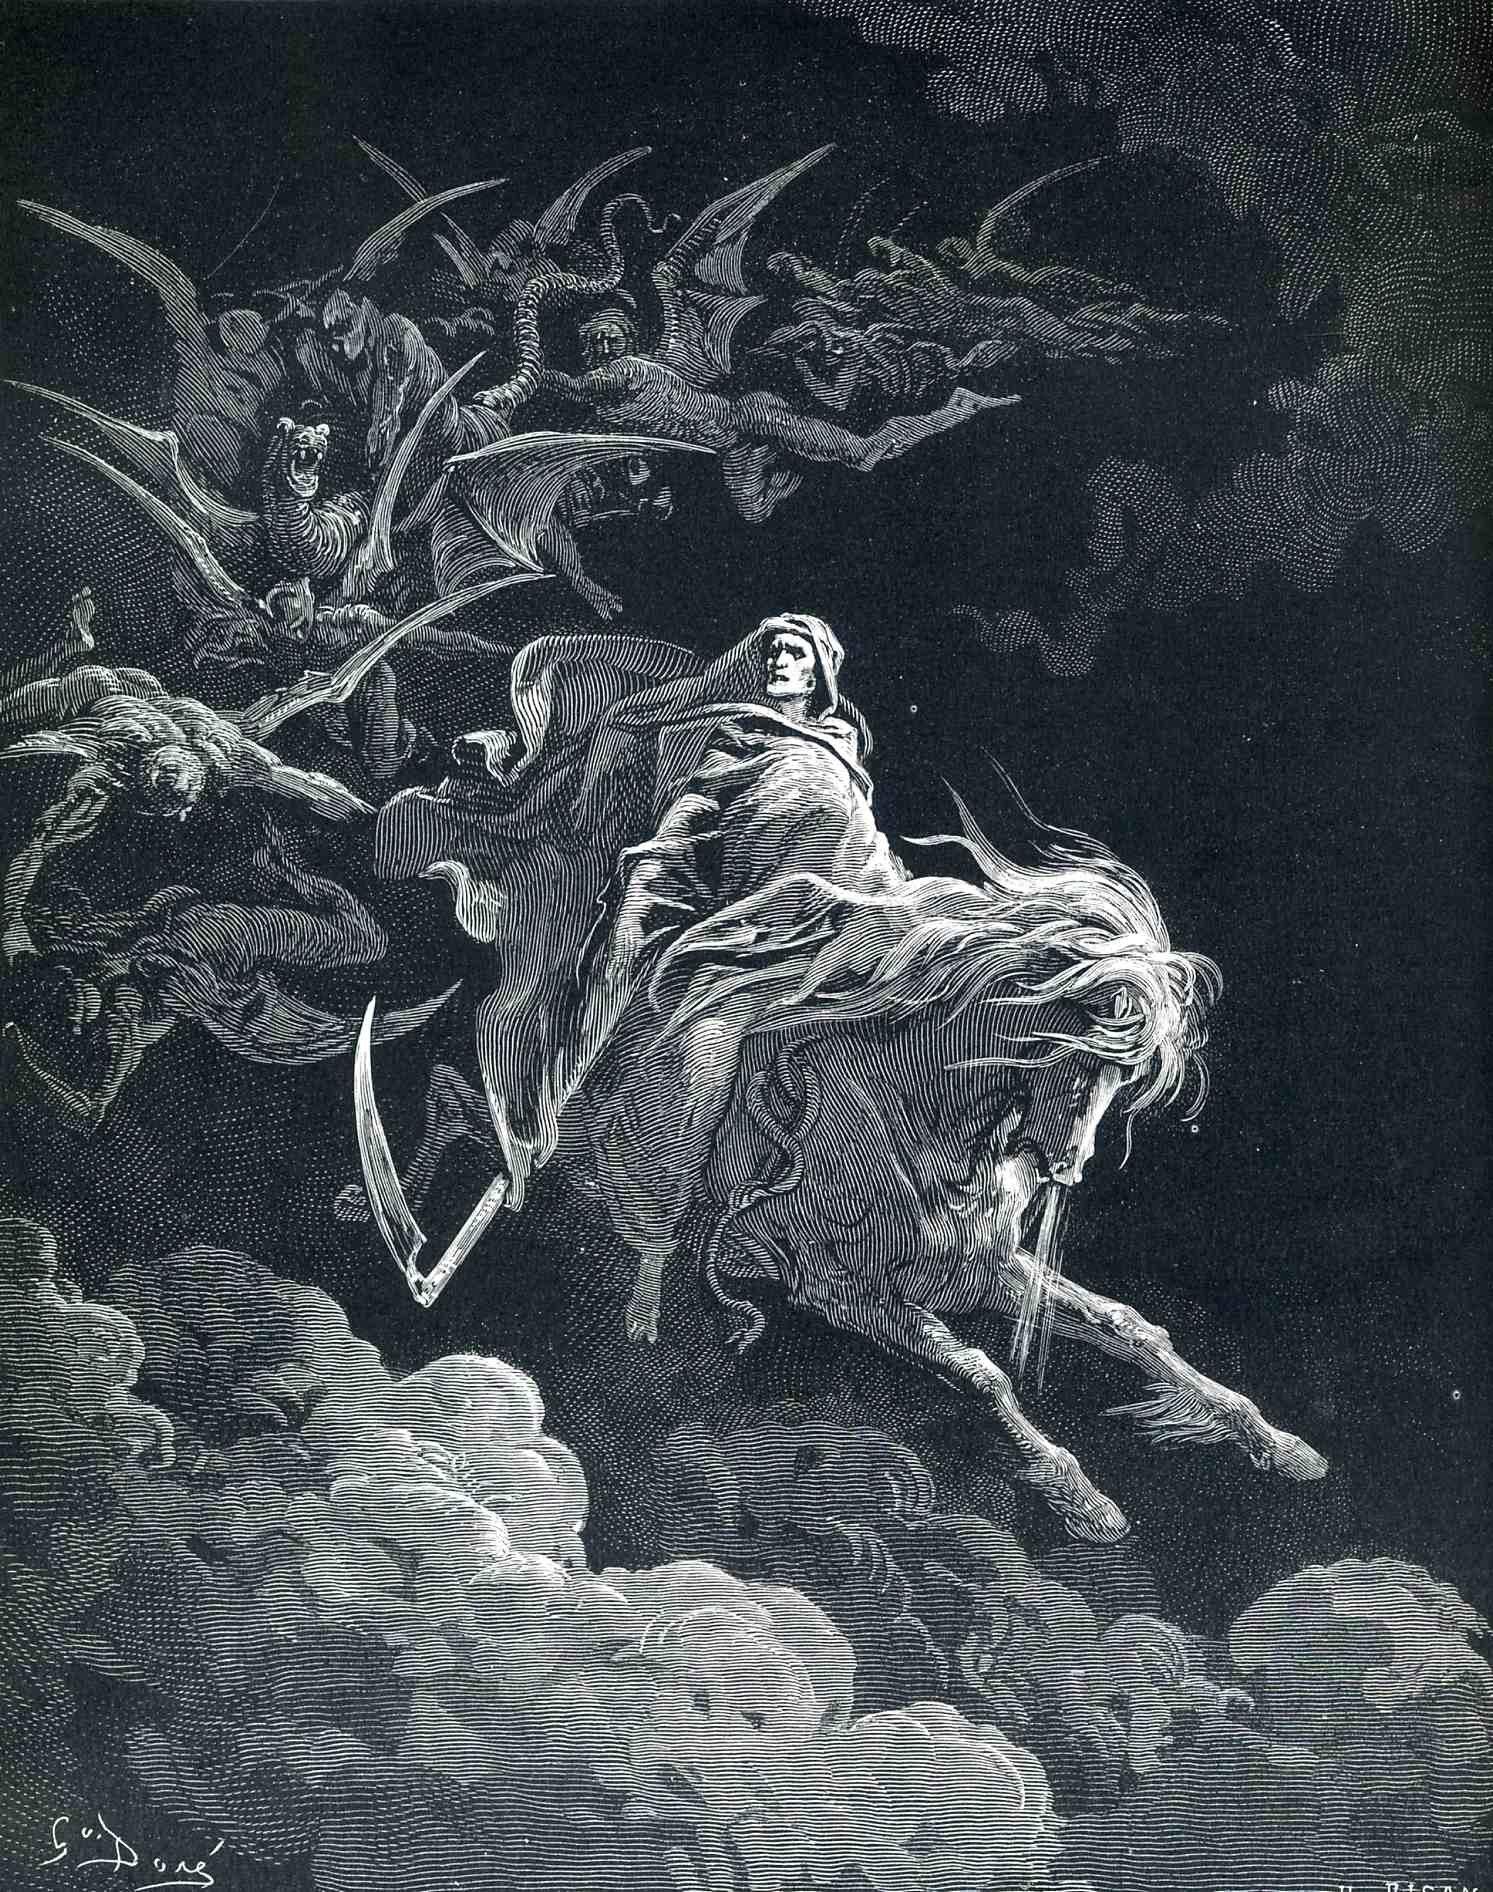 Чёрная библия вальпургиева ночь смотреть онлайн 16 фотография